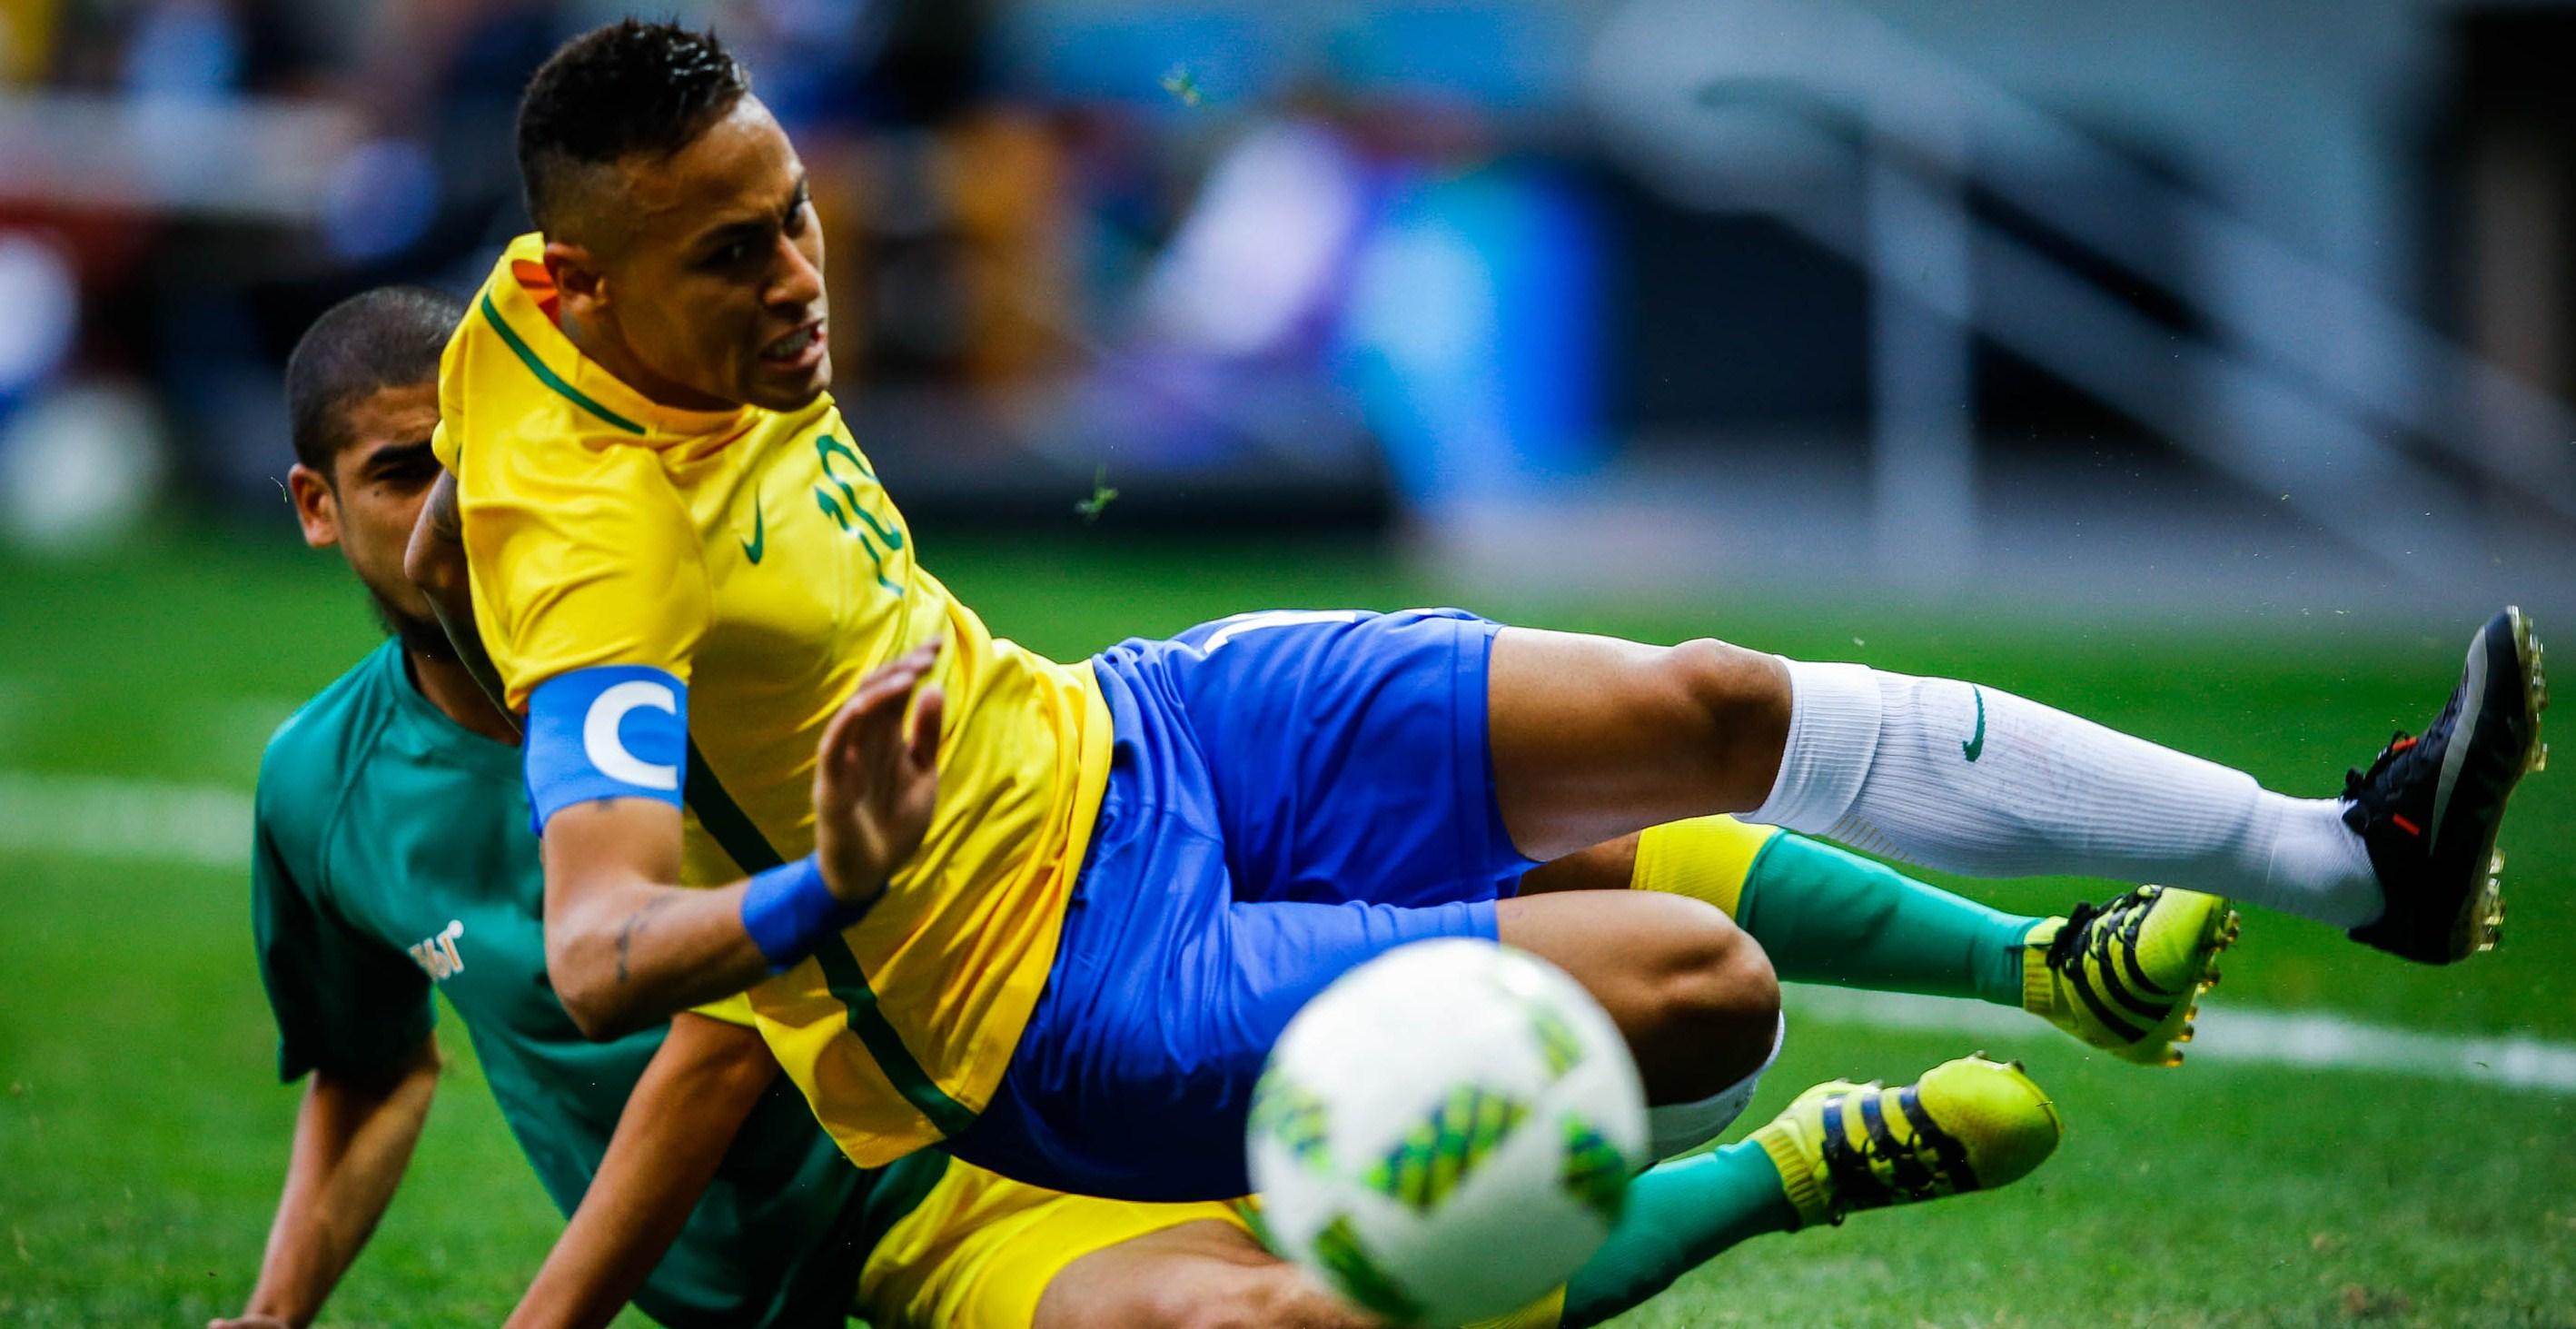 BRA100. BRASILIA (BRASIL), 04/08/2016.- El jugador Neymar (d) de Brasil en acción ante Abbubaker Mobara (i) de Sudáfrica hoy, jueves 4 de agosto de 2016, durante un juego entre Brasil y Sudamérica de los Juegos Olímpicos Río 2016, que se disputa en el estadio Mane Garrincha en Brasilia (Brasil). EFE/Fernando Bizerra Jr.